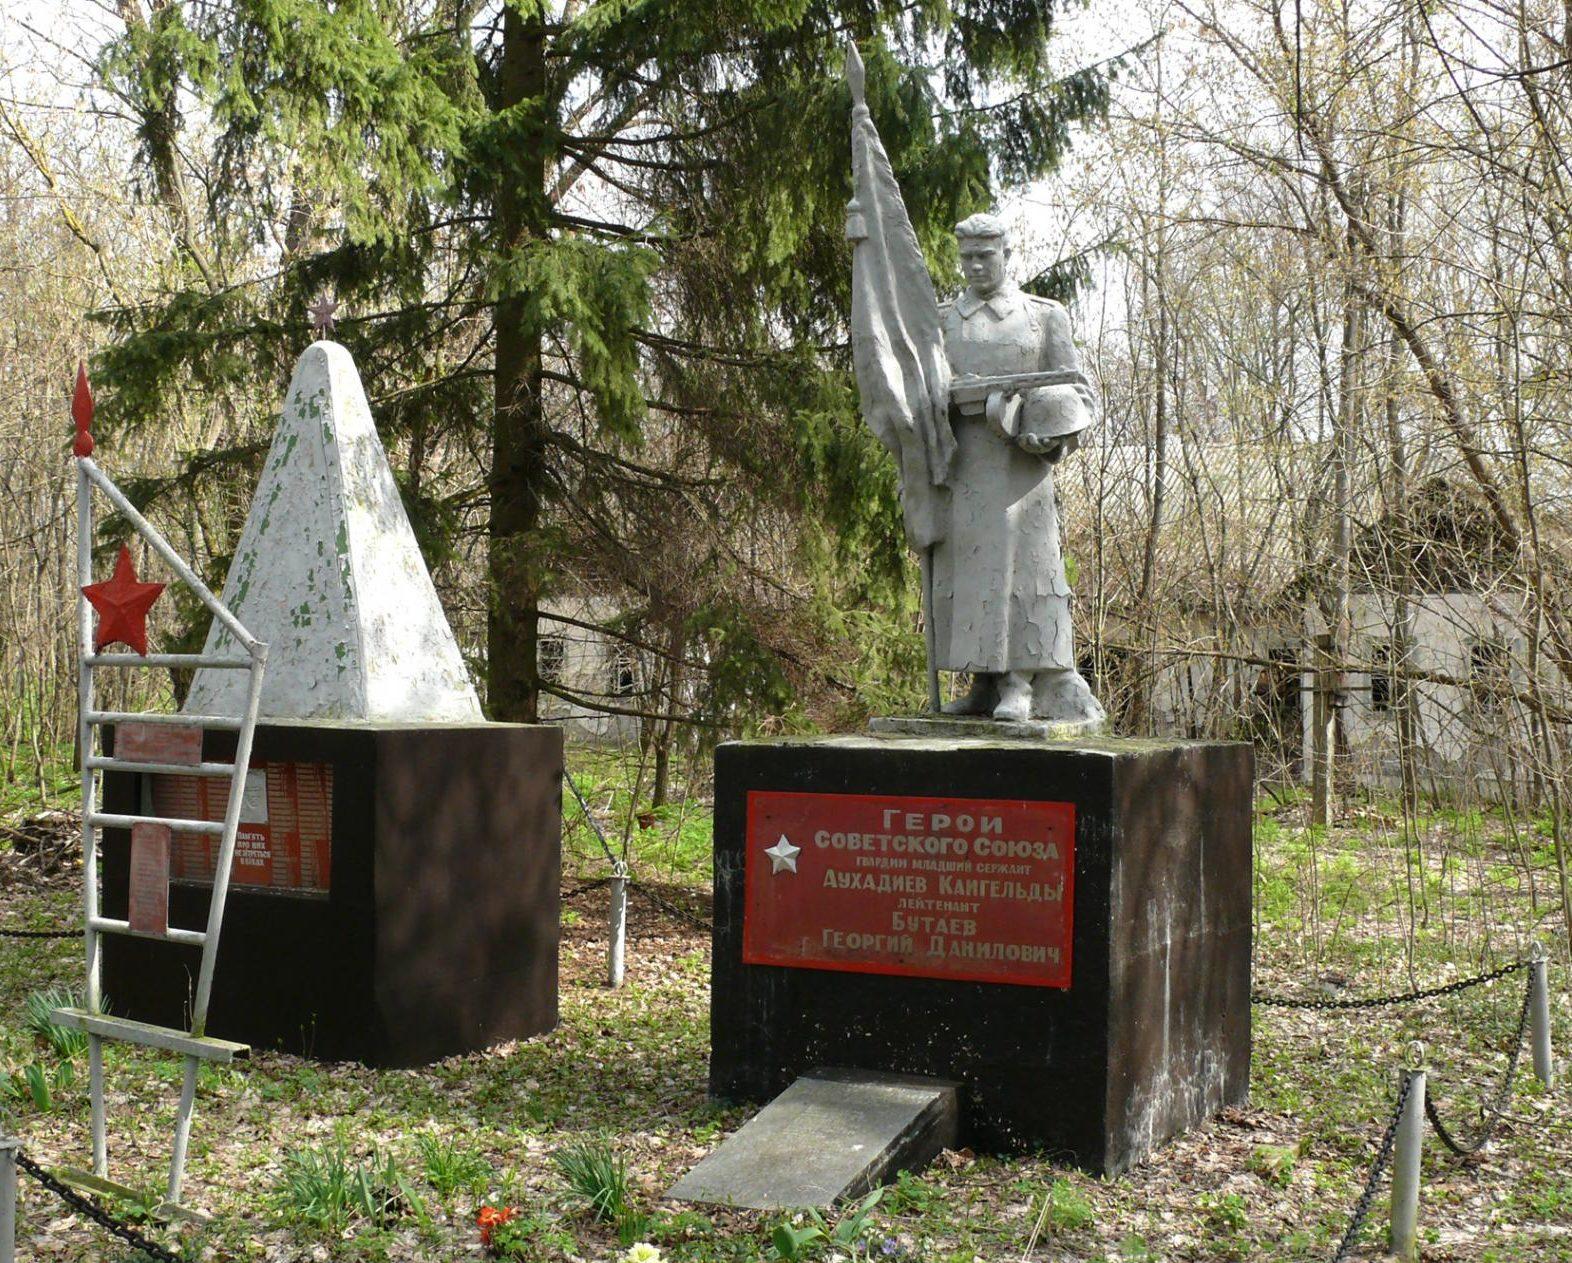 с. Парышев, Чернобыльская зона отчуждения. Братская могила воинов, погибших в годы войны. Здесь захоронены Герои Советского Союза Аухадиев Кайгельды и Георгий Бутаев.